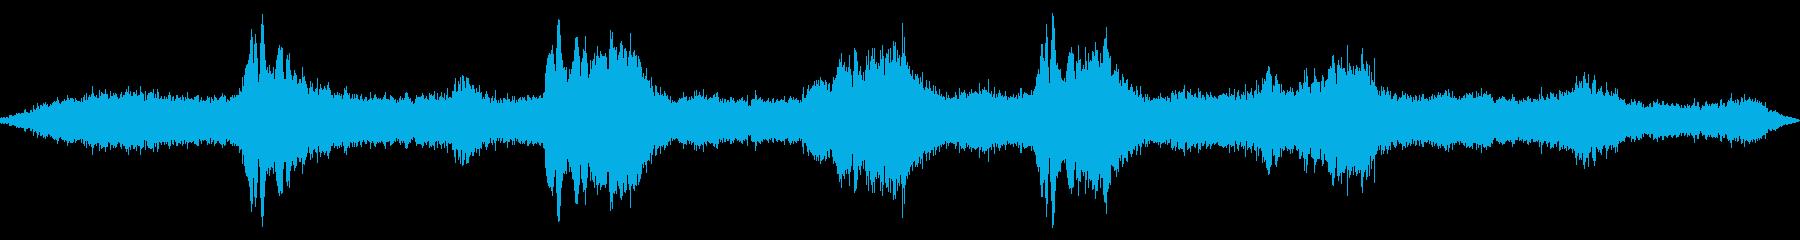 きらめく効果とローエンドの共振スイ...の再生済みの波形